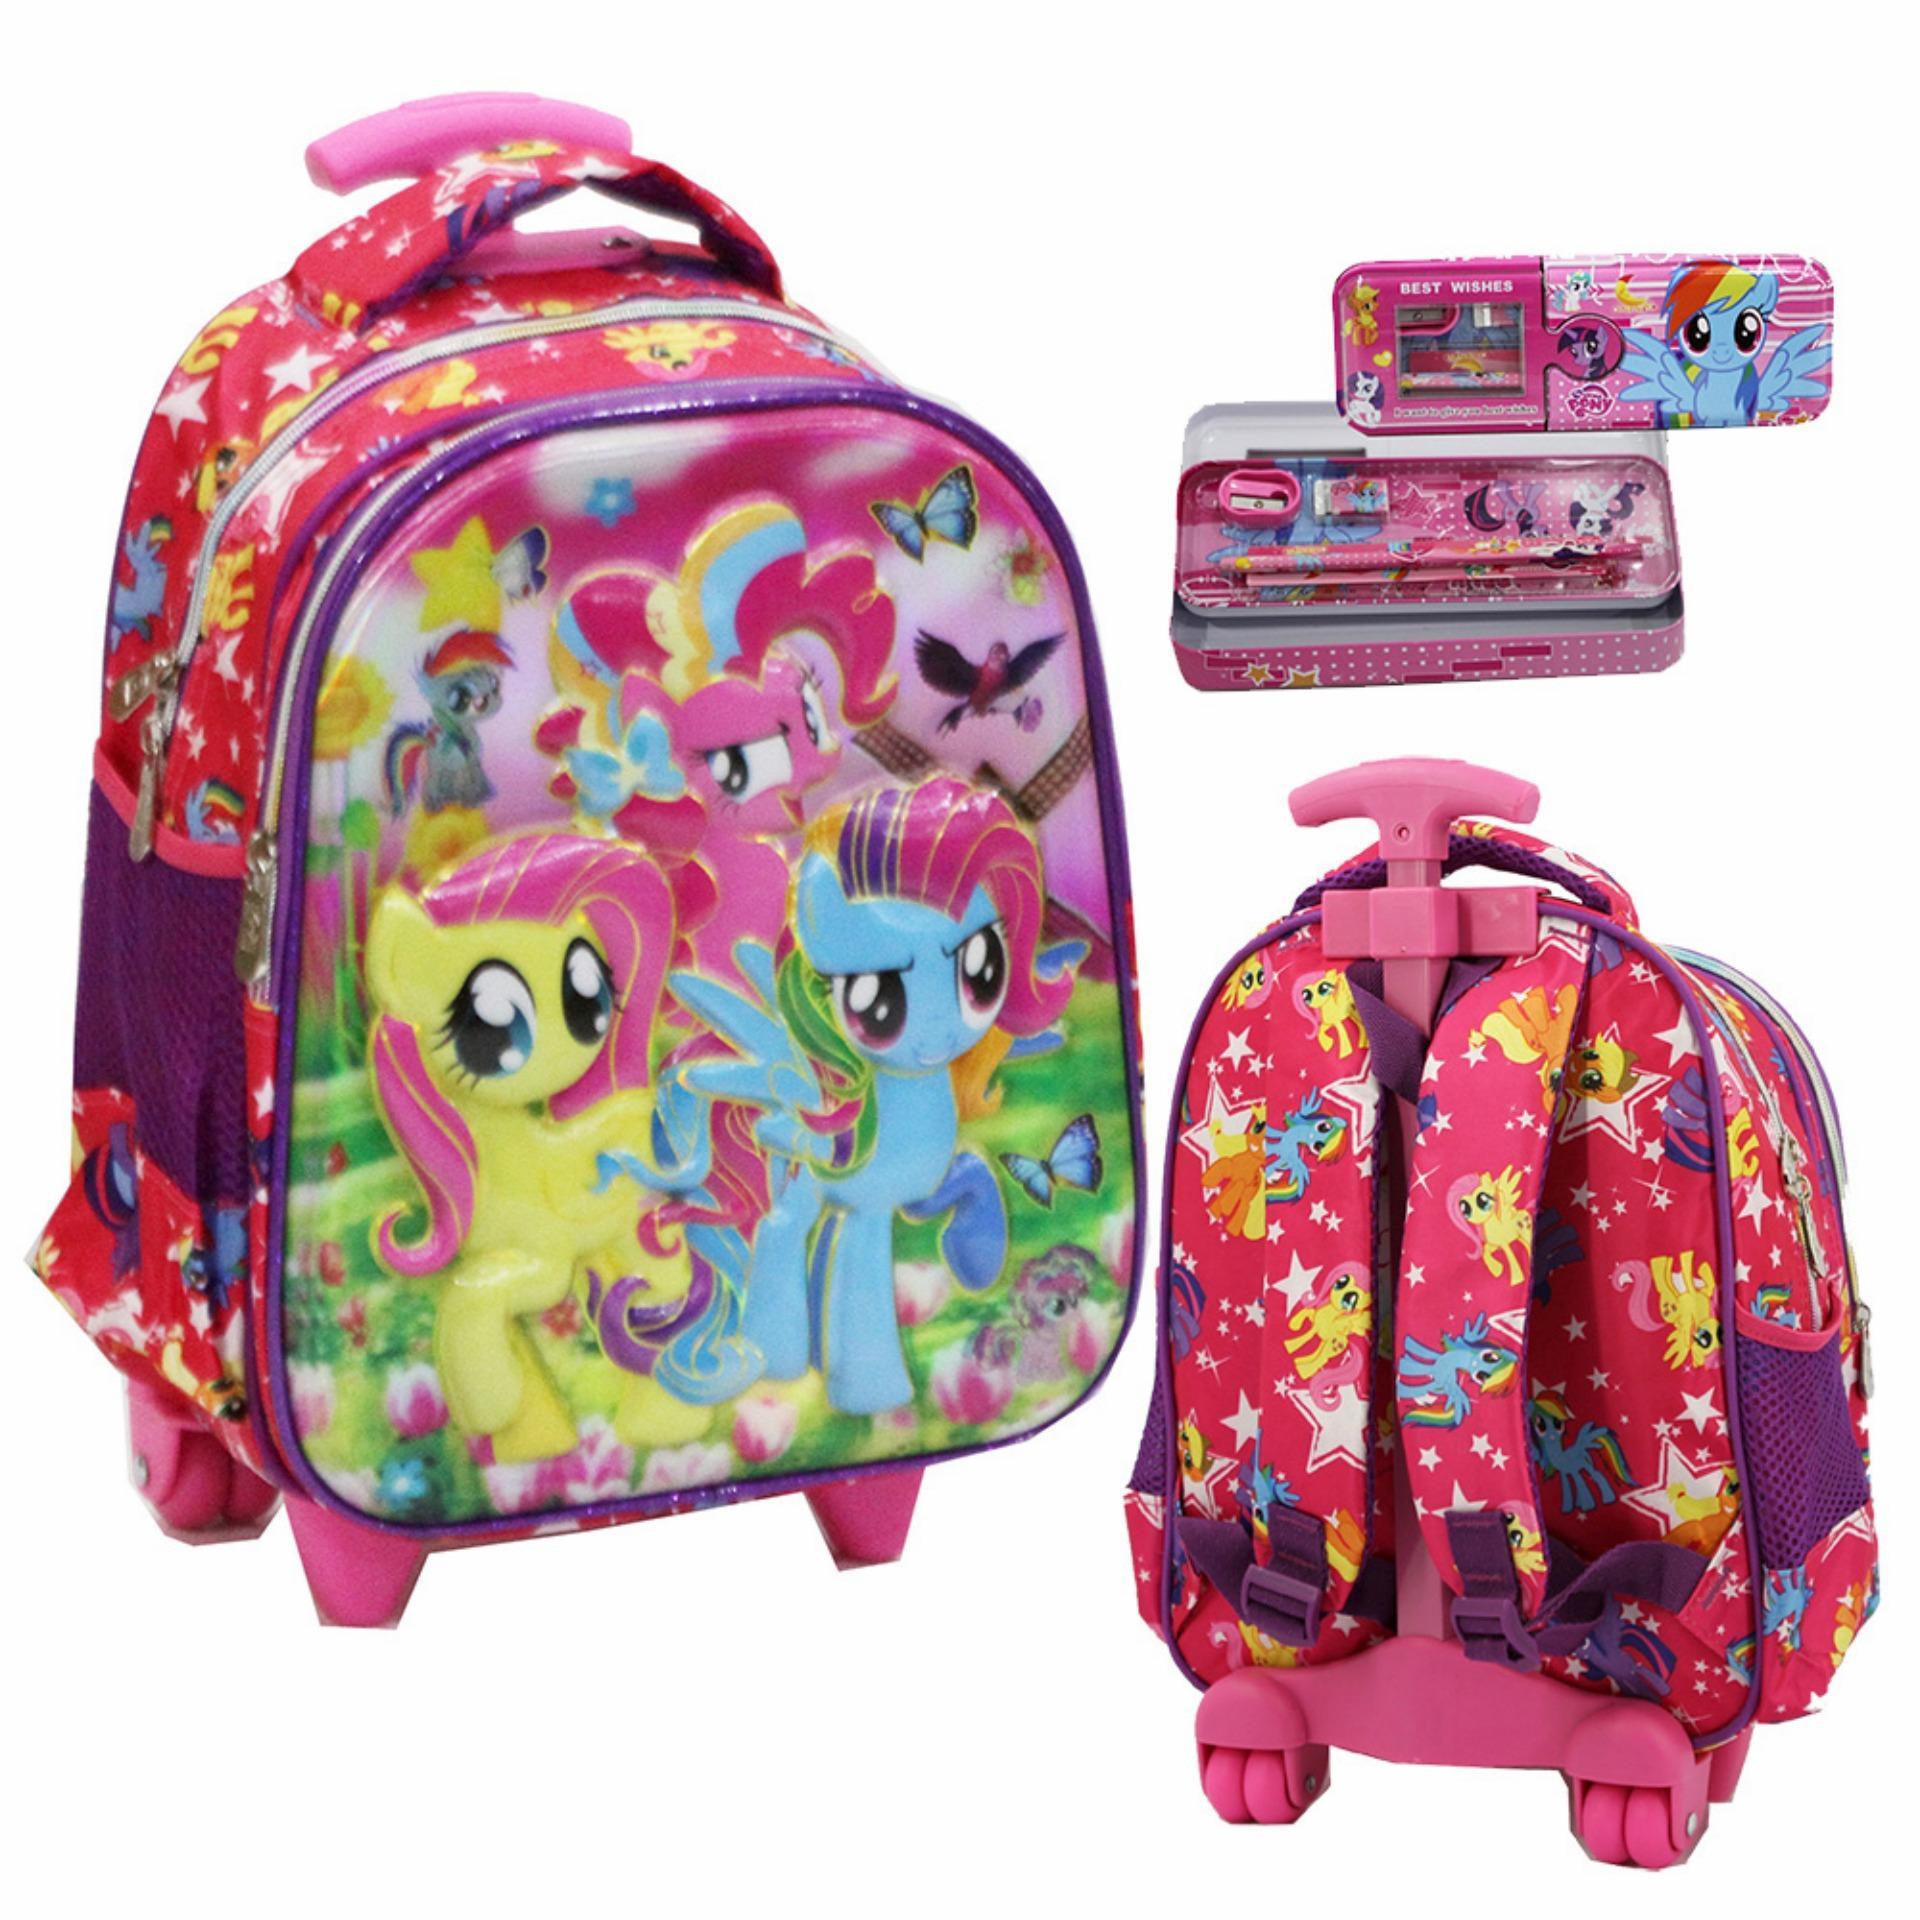 Harga Onlan Trolley Anak Sekolah Tk Dua Kantung Little Pony Dan Kotak Pensil Set Alat Tulis Pink Yang Murah